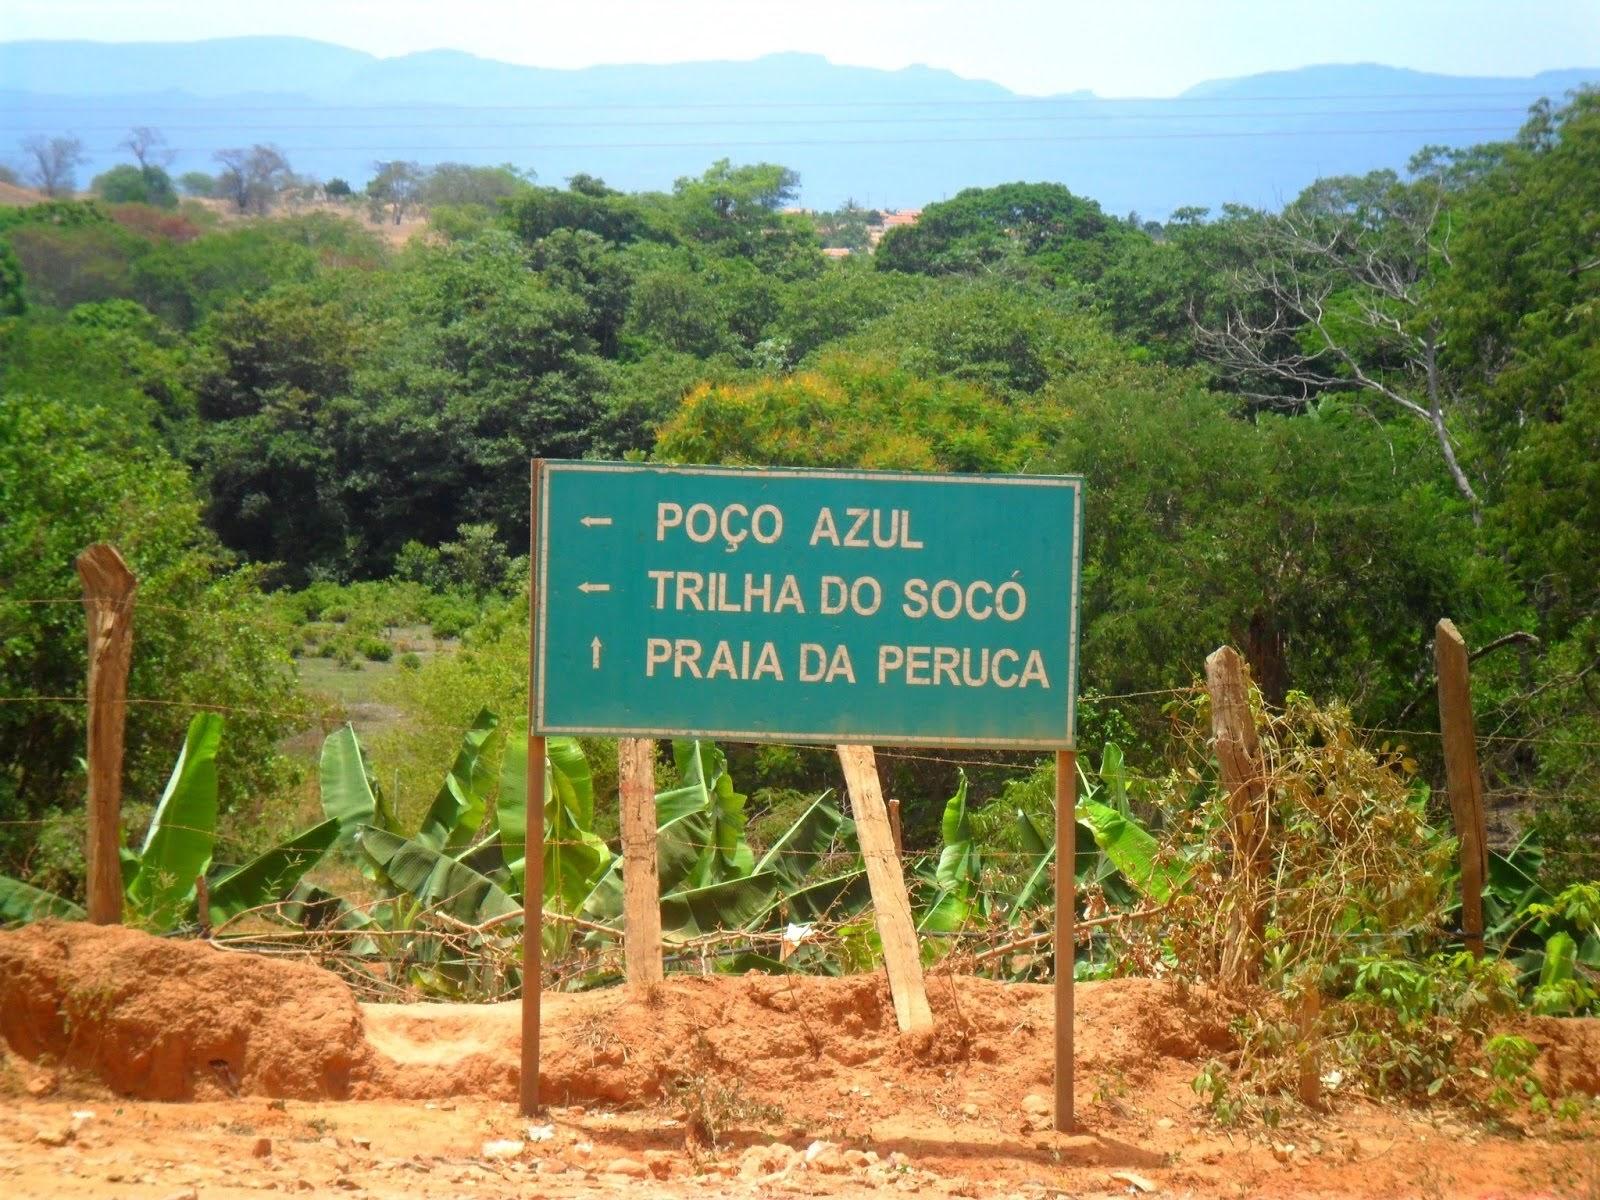 Nova Redenção Bahia fonte: 2.bp.blogspot.com